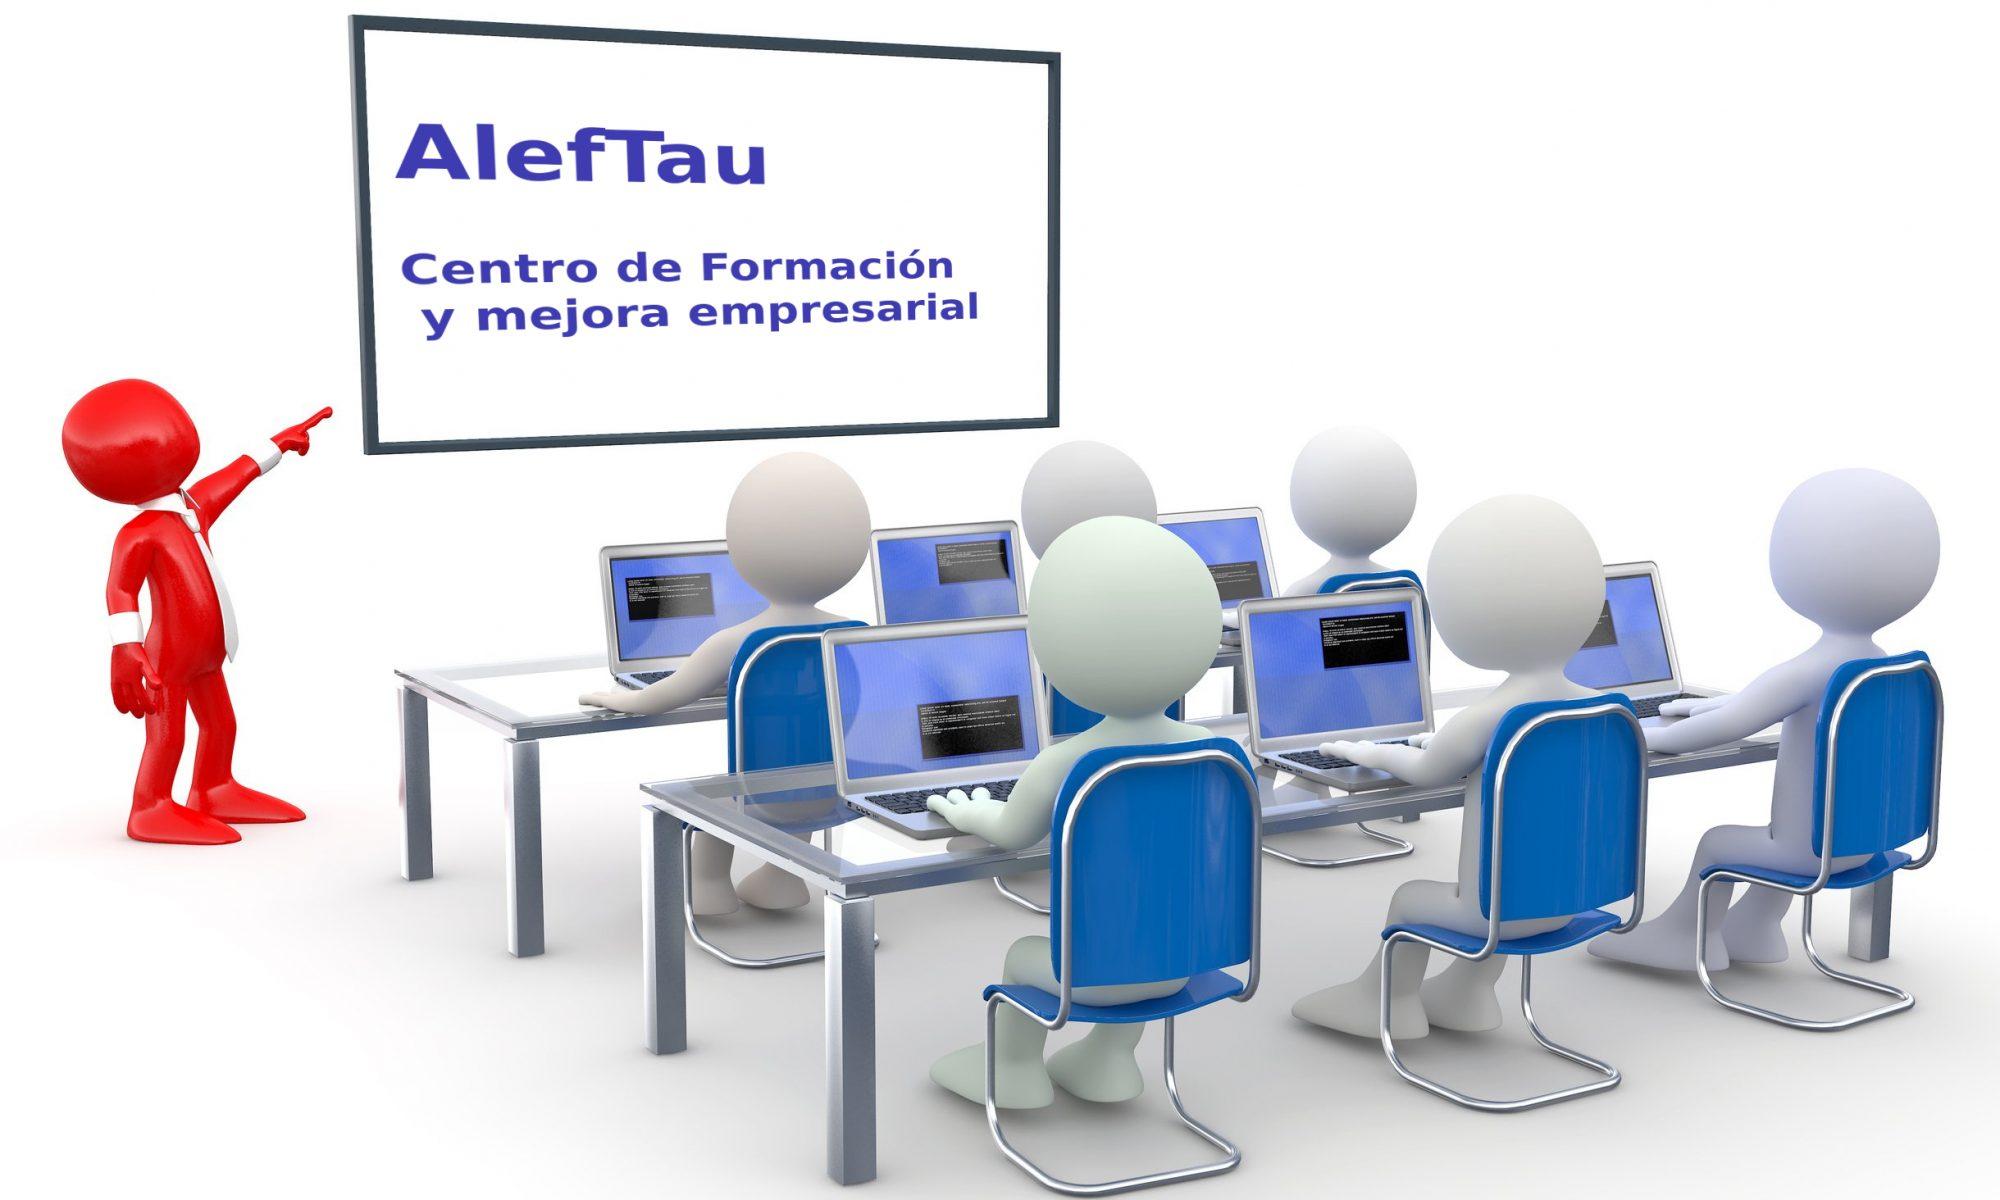 AlefTau